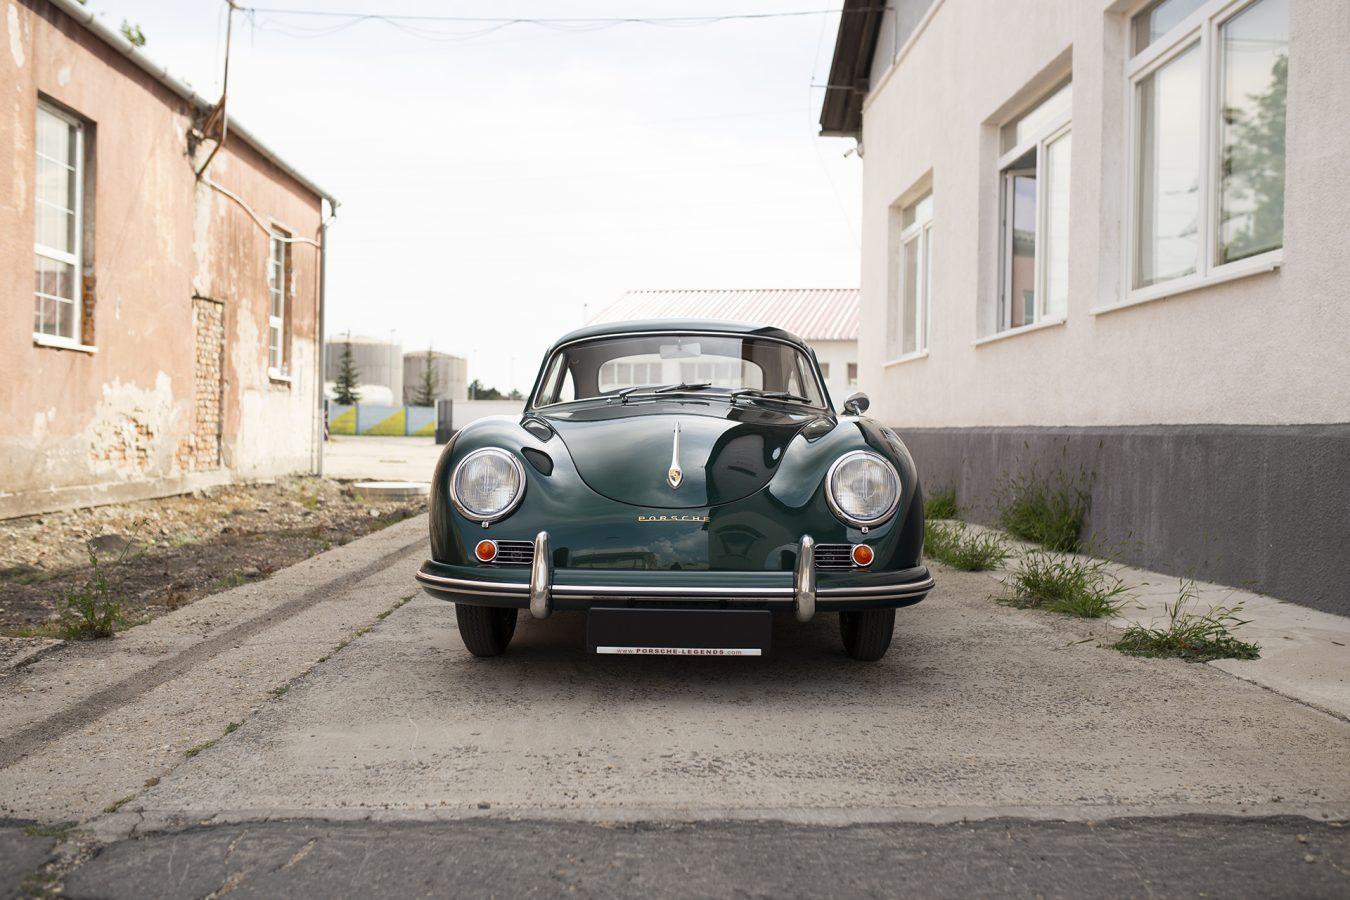 Lagogrüner Porsche 356 in einer Einfahrt